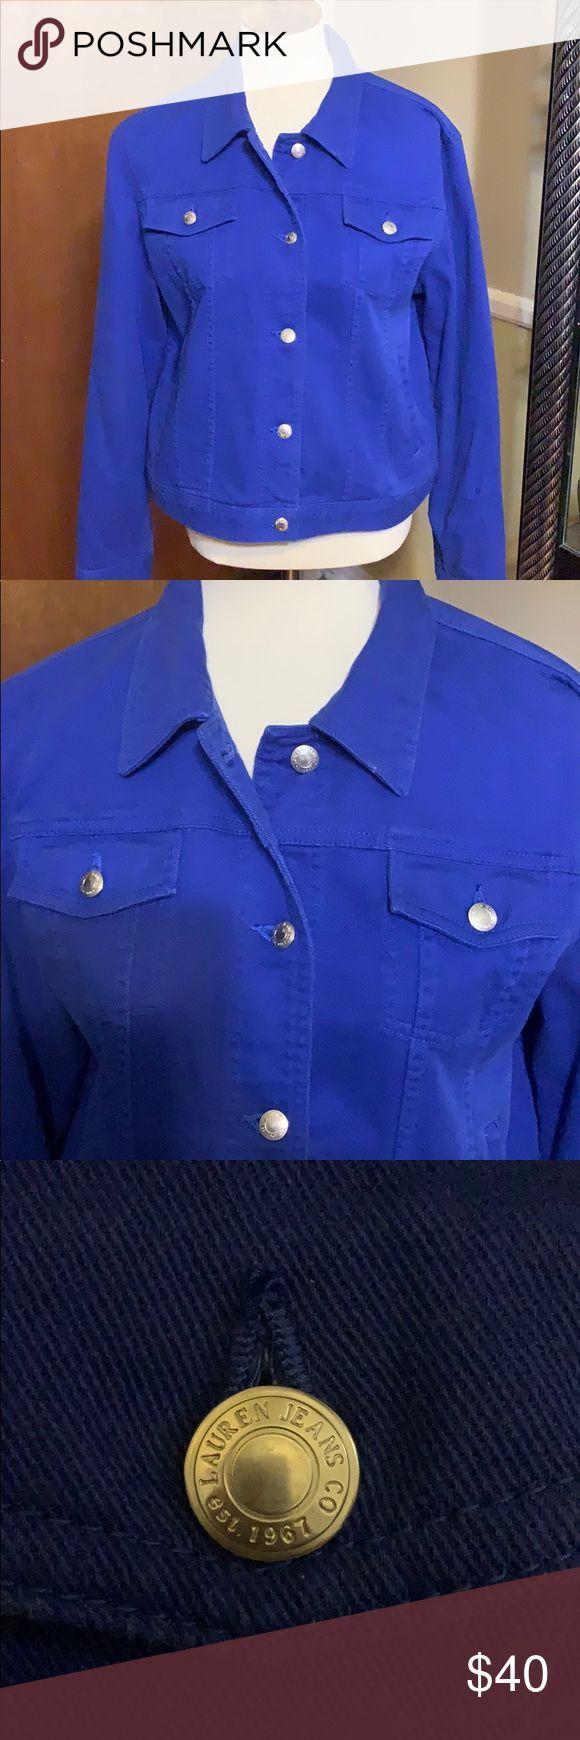 Lauren Ralph Lauren Royal Blue Jean Jacket Xl Very Nice Blue Jean Jacket In Royal Blue By Laurenjeans Co Ra Royal Blue Jeans Blue Jean Jacket Nice Blue Jeans [ 1740 x 580 Pixel ]